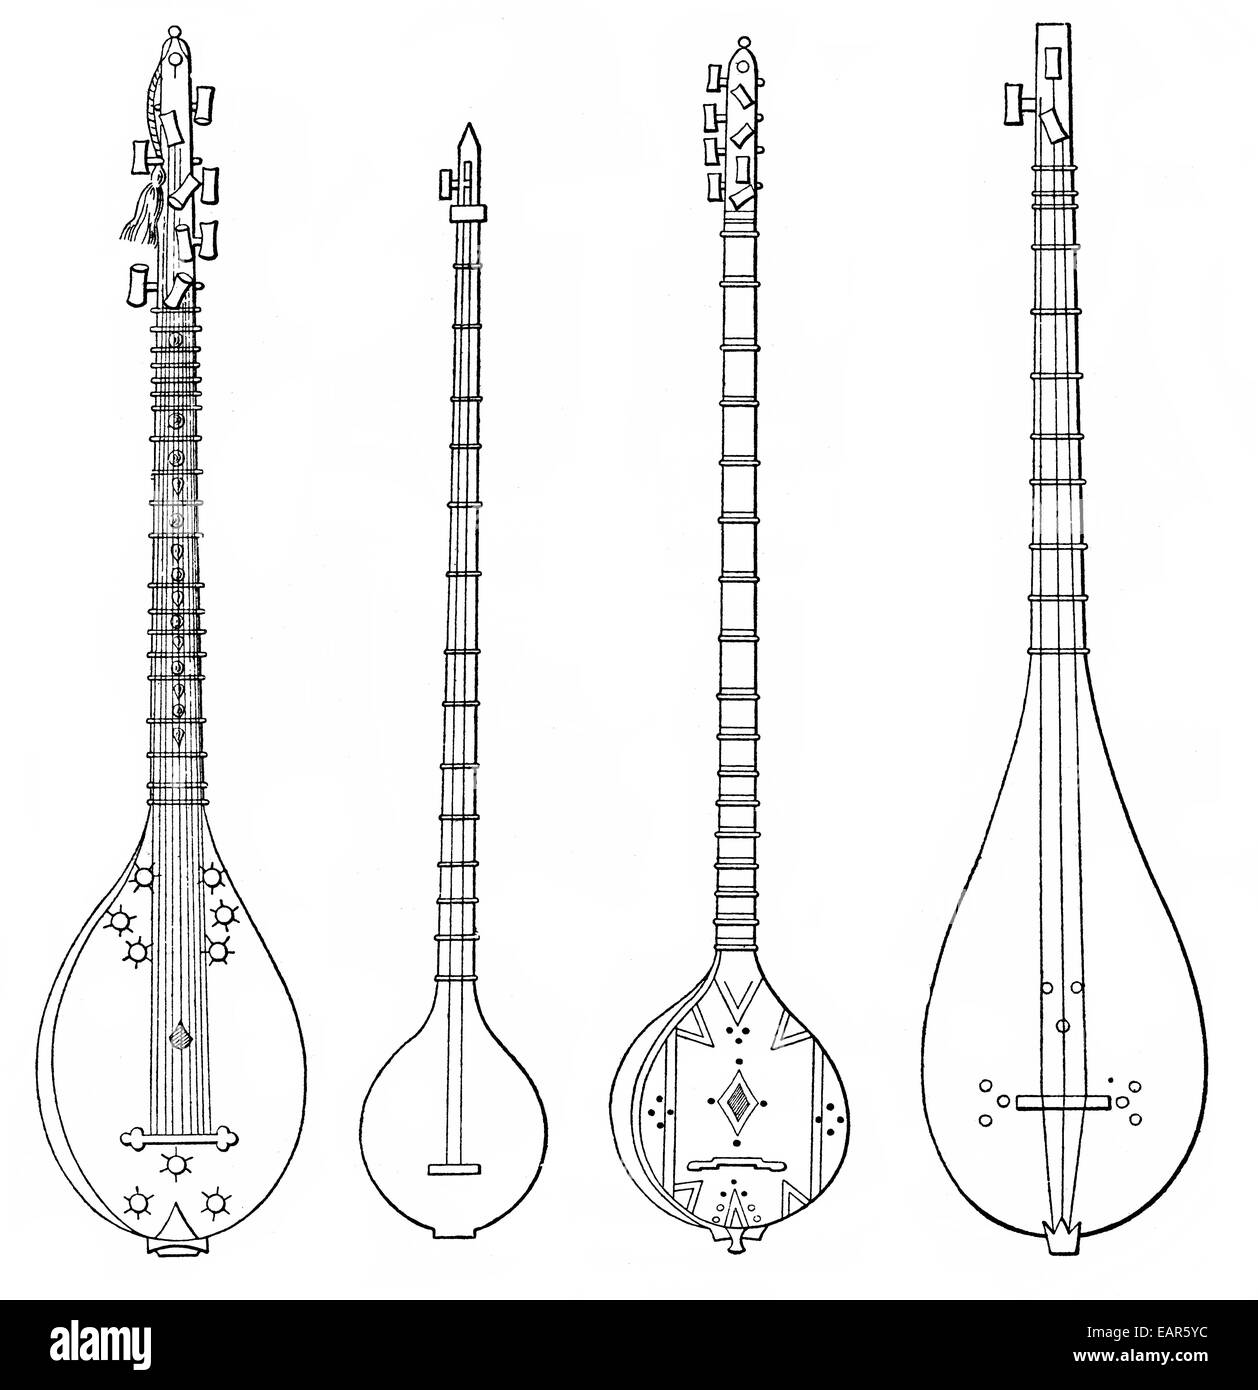 verschiedene Formen der Tambur oder Tambur, antike orientalische laute, Gegenspieler Formen der Tambur Oder Tambur, Stockbild